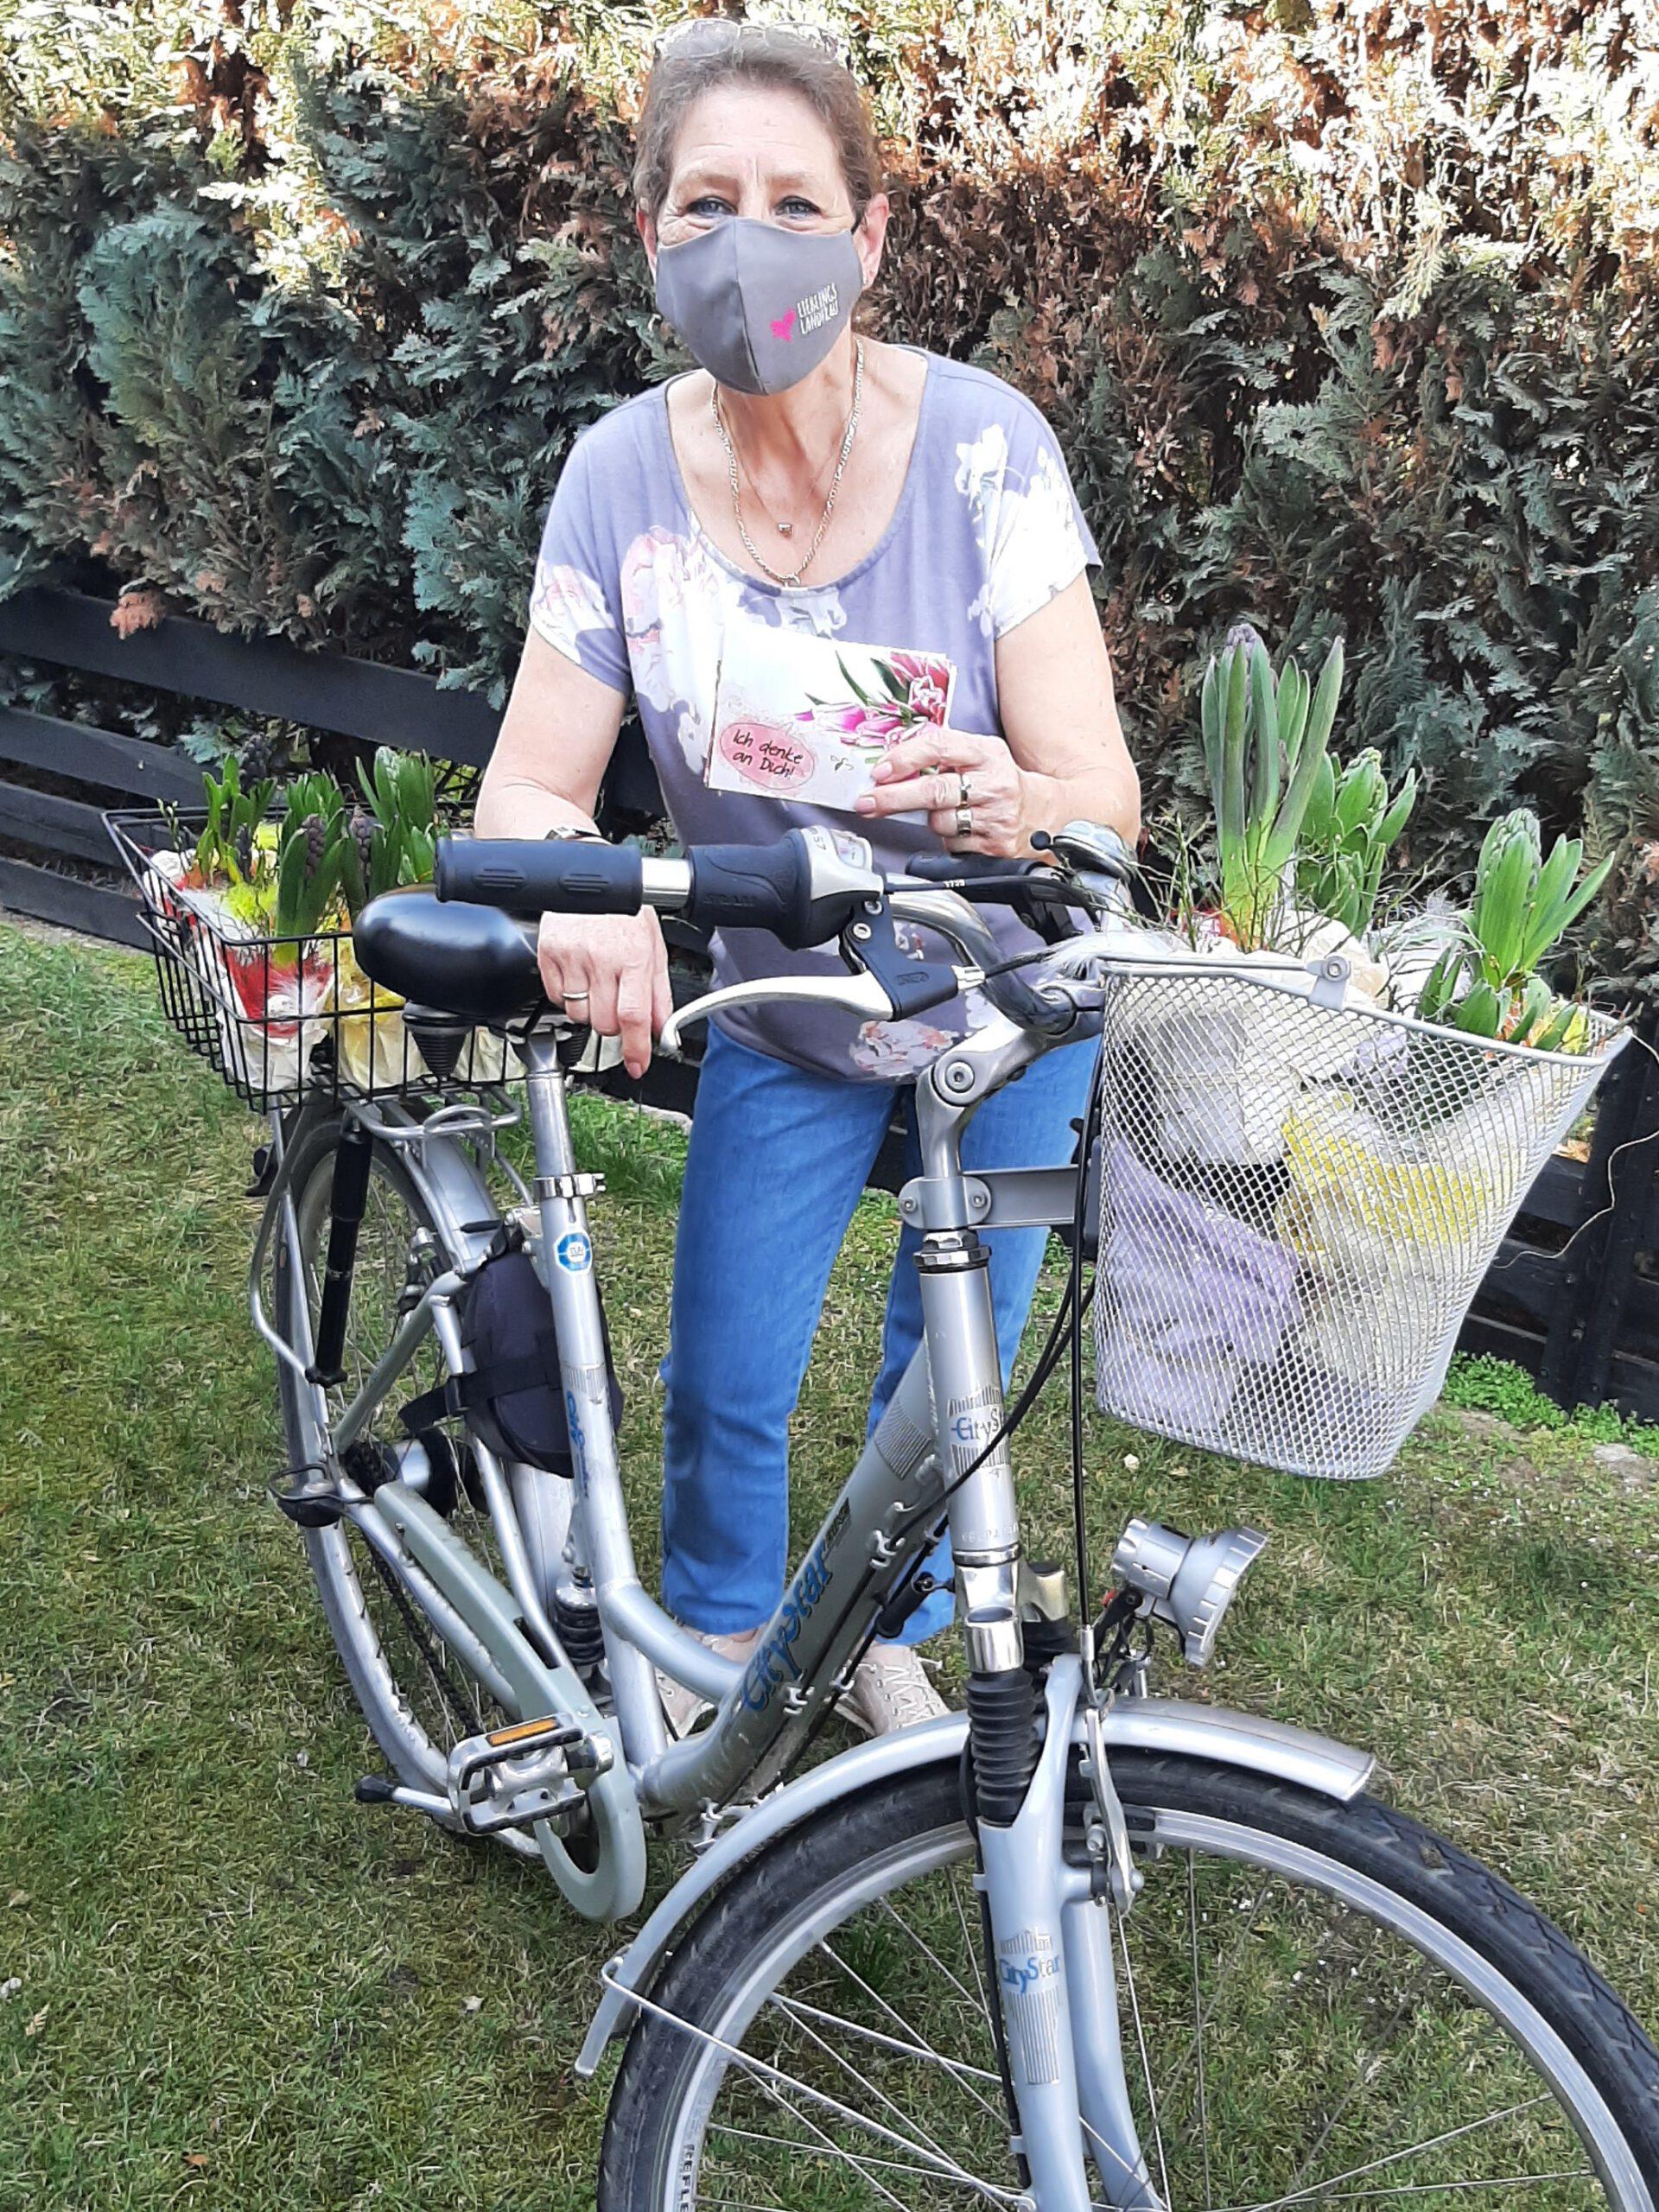 Transportiert wurden die Blumengrüße mit dem Fahrrad bei strahlendem Sonnenschein (Quelle: Privat)